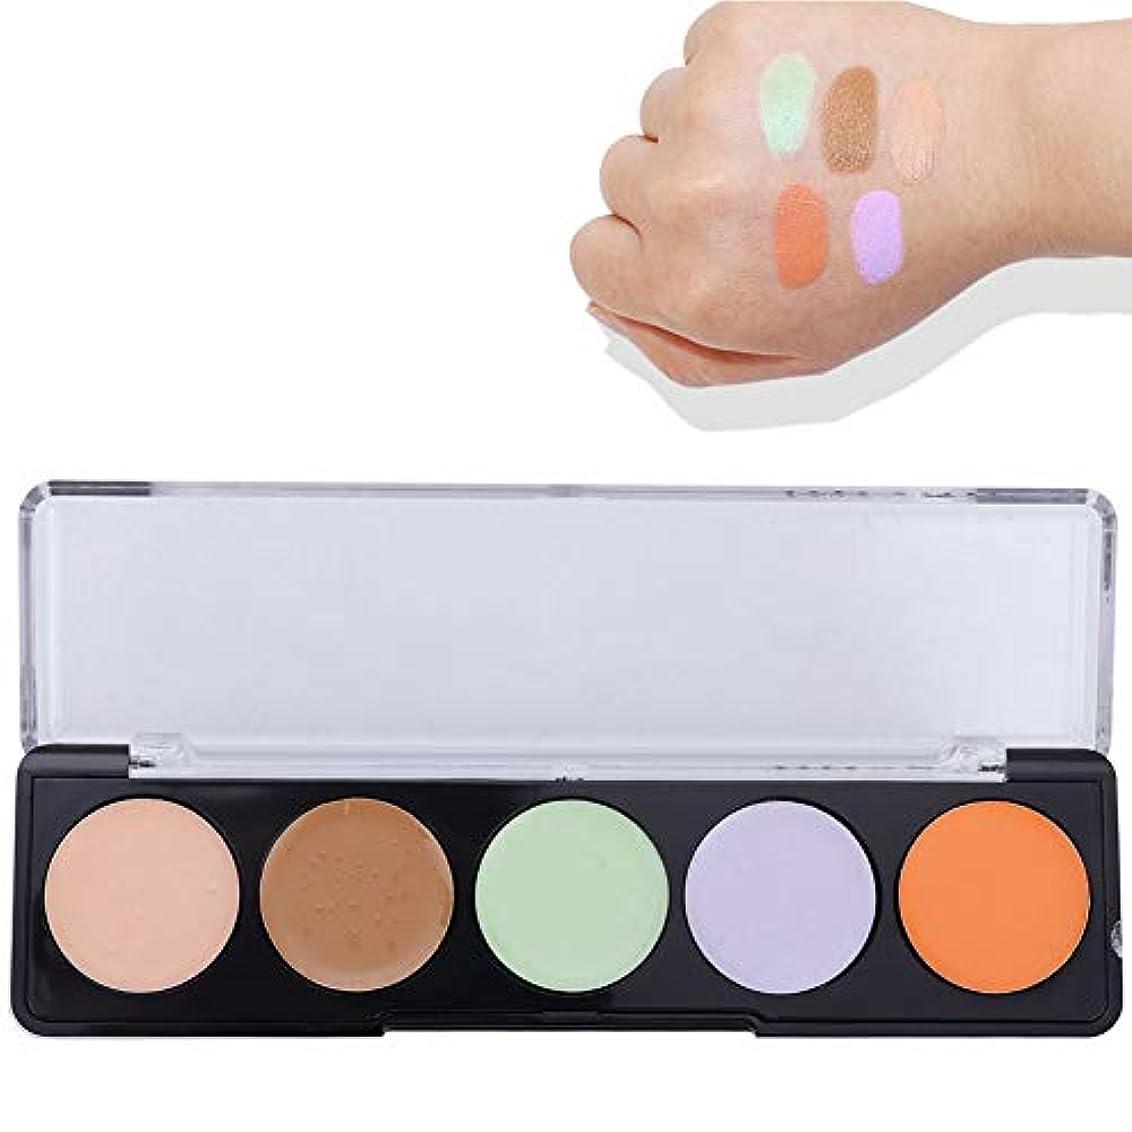 硫黄クラッシュラベフェイシャルコンシーラークリーム メイクアップコンターコンシーラーパレット化粧品を明るくする5色5.4g(02)